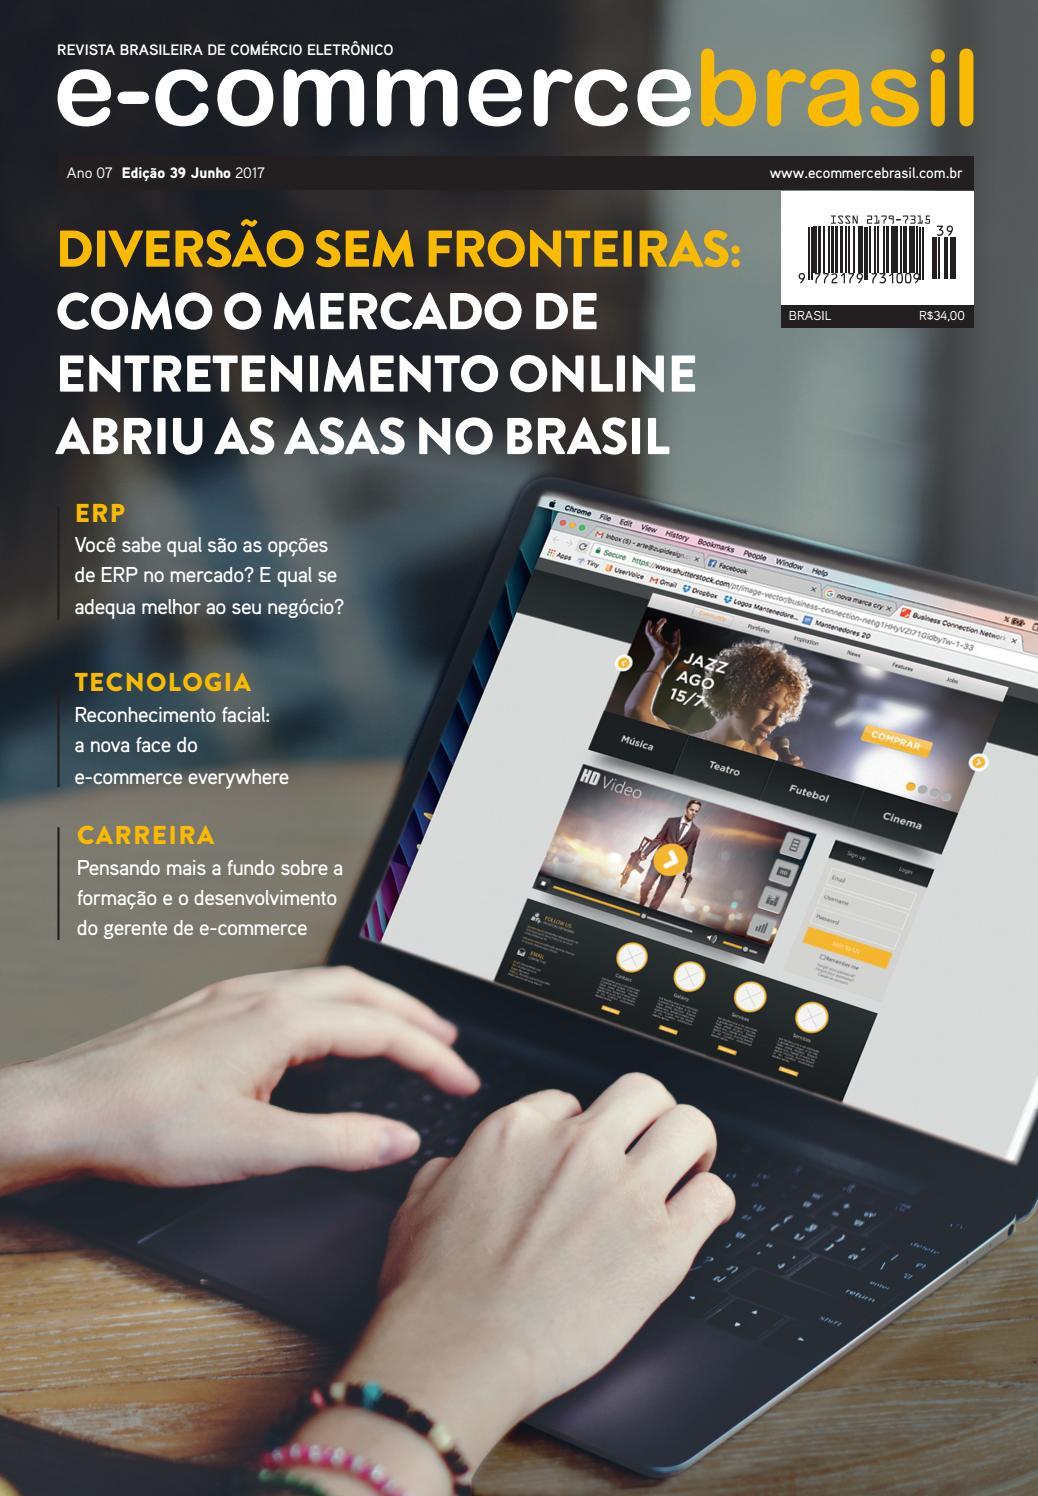 Diversão sem fronteiras  como o mercado de entretenimento online abriu as  asas no Brasil by E-Commerce Brasil - issuu fb46f3f39d